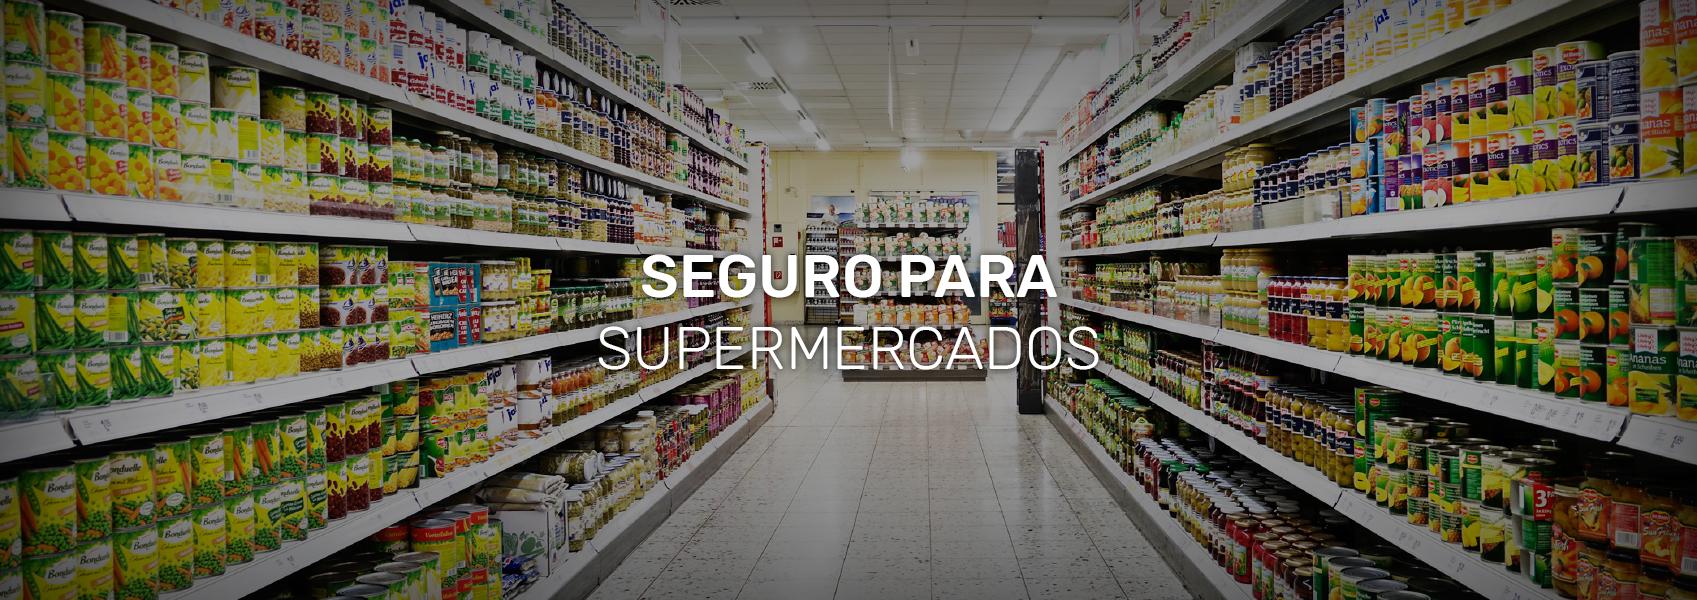 Seguro para Supermercados